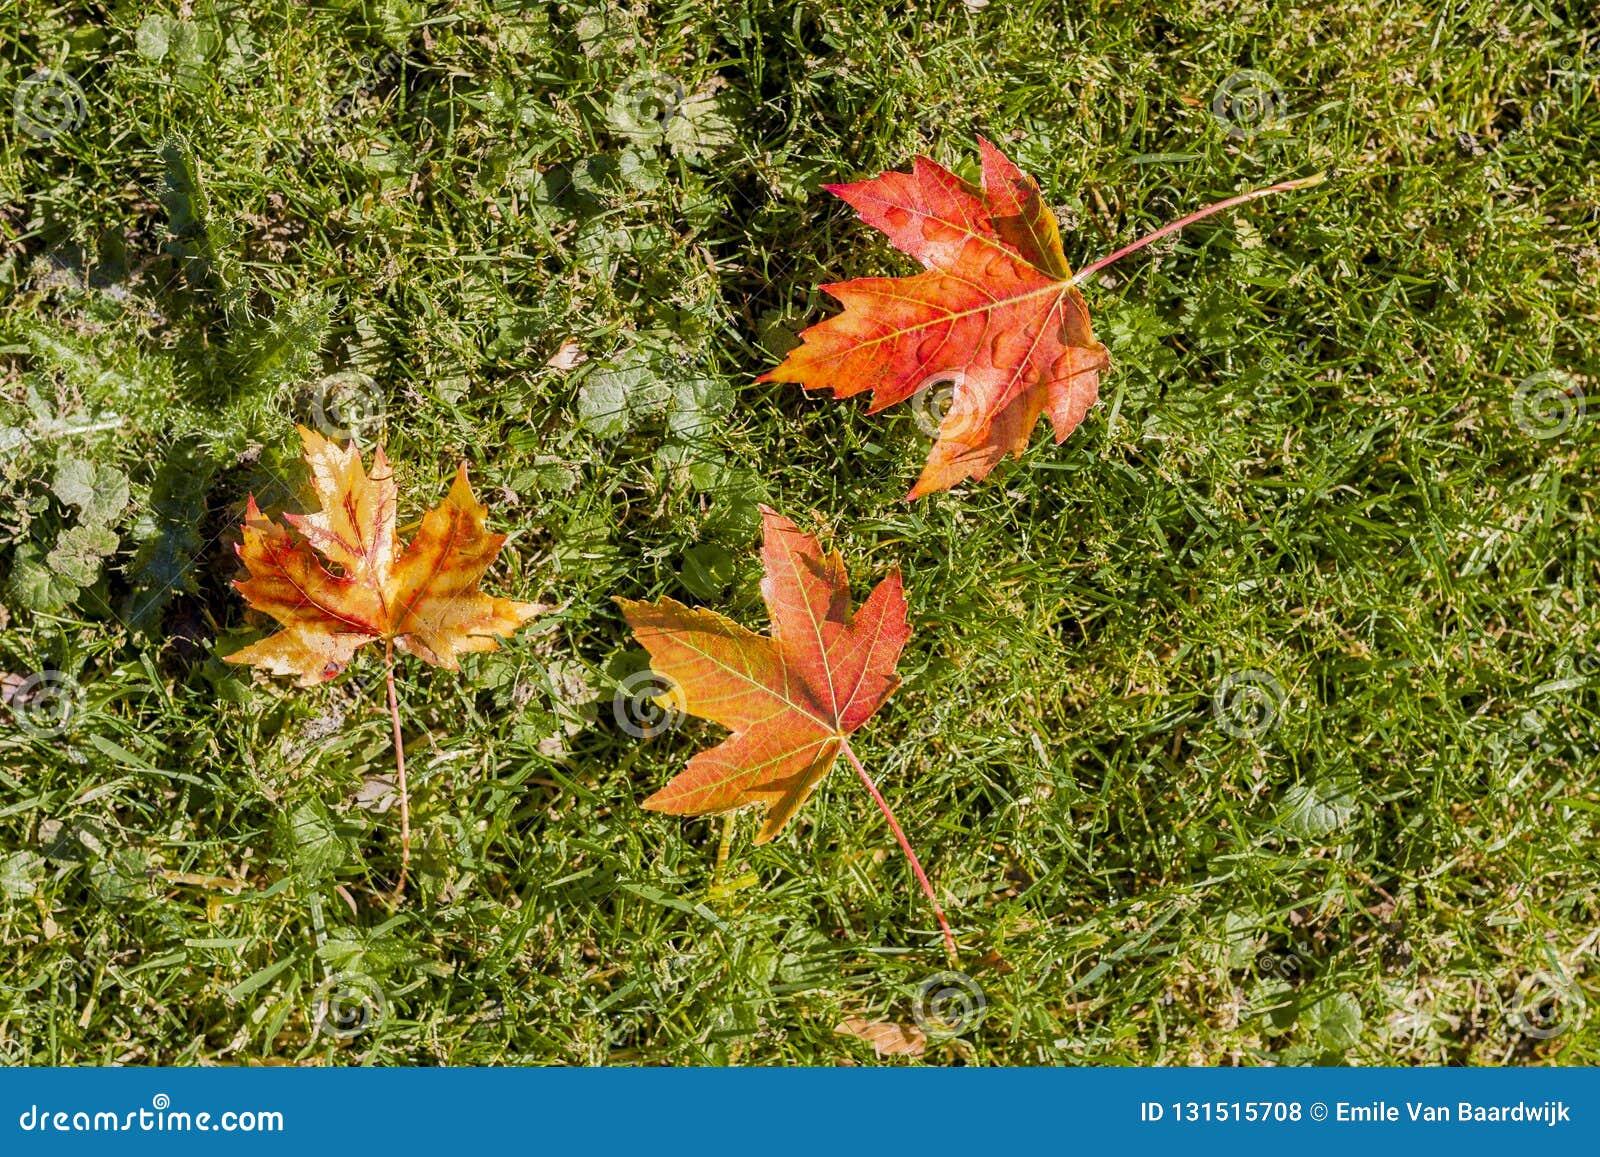 Καταπληκτική εικόνα των φύλλων φθινοπώρου των κόκκινων, κίτρινων και καφετιών χρωμάτων στη χλόη